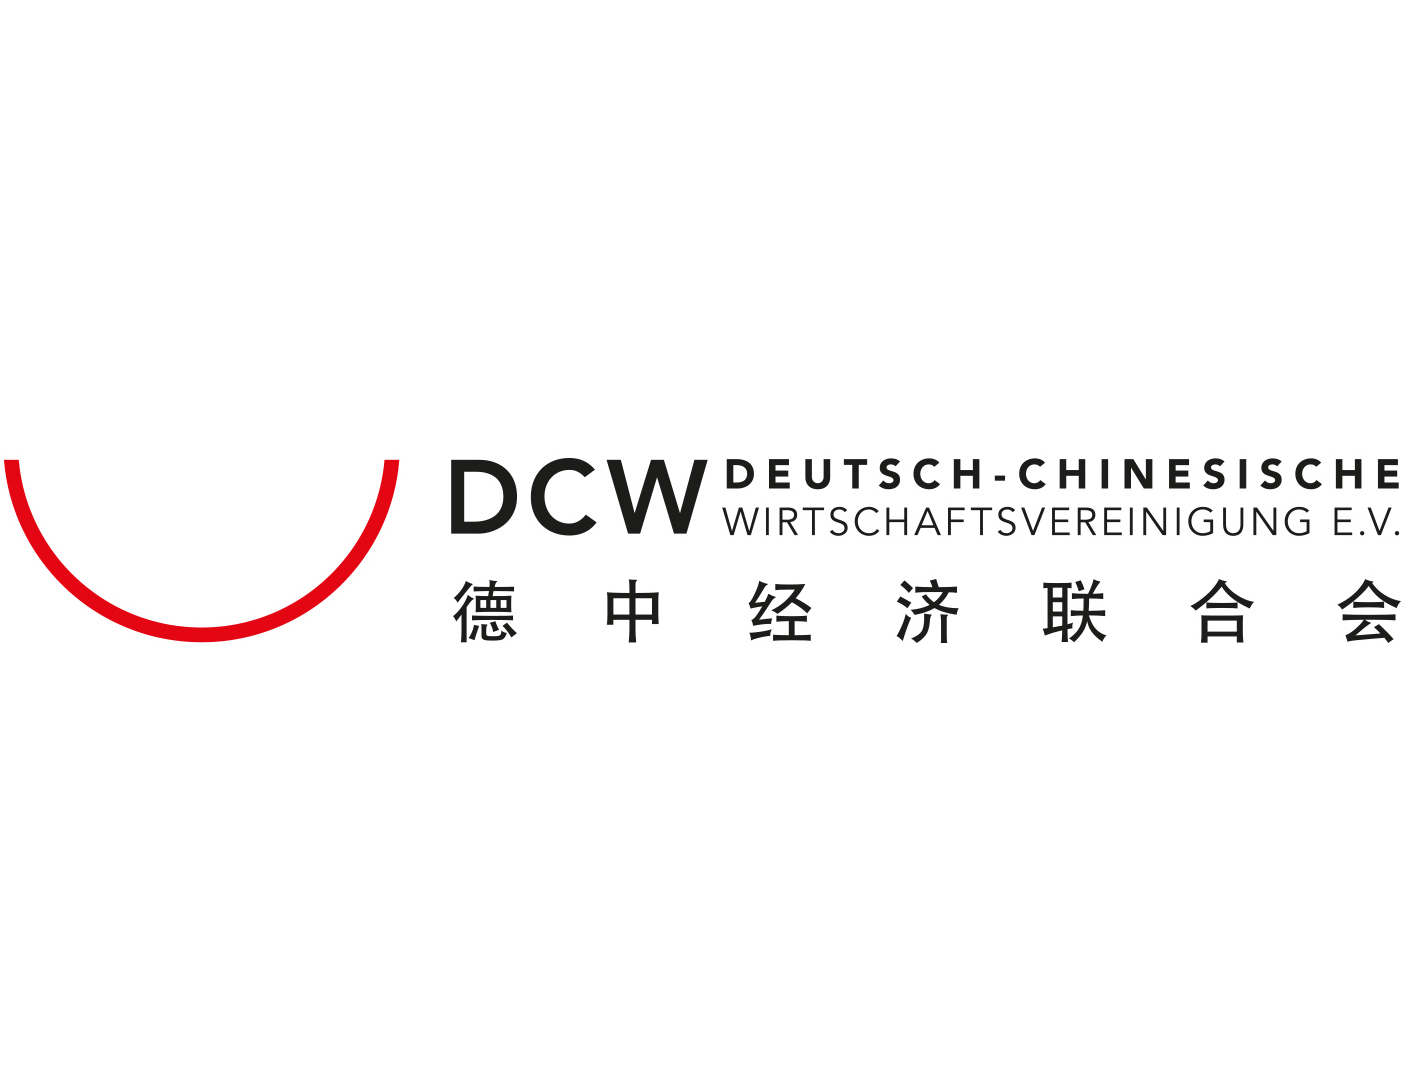 德中经济联合会——组织促进中德企业交流